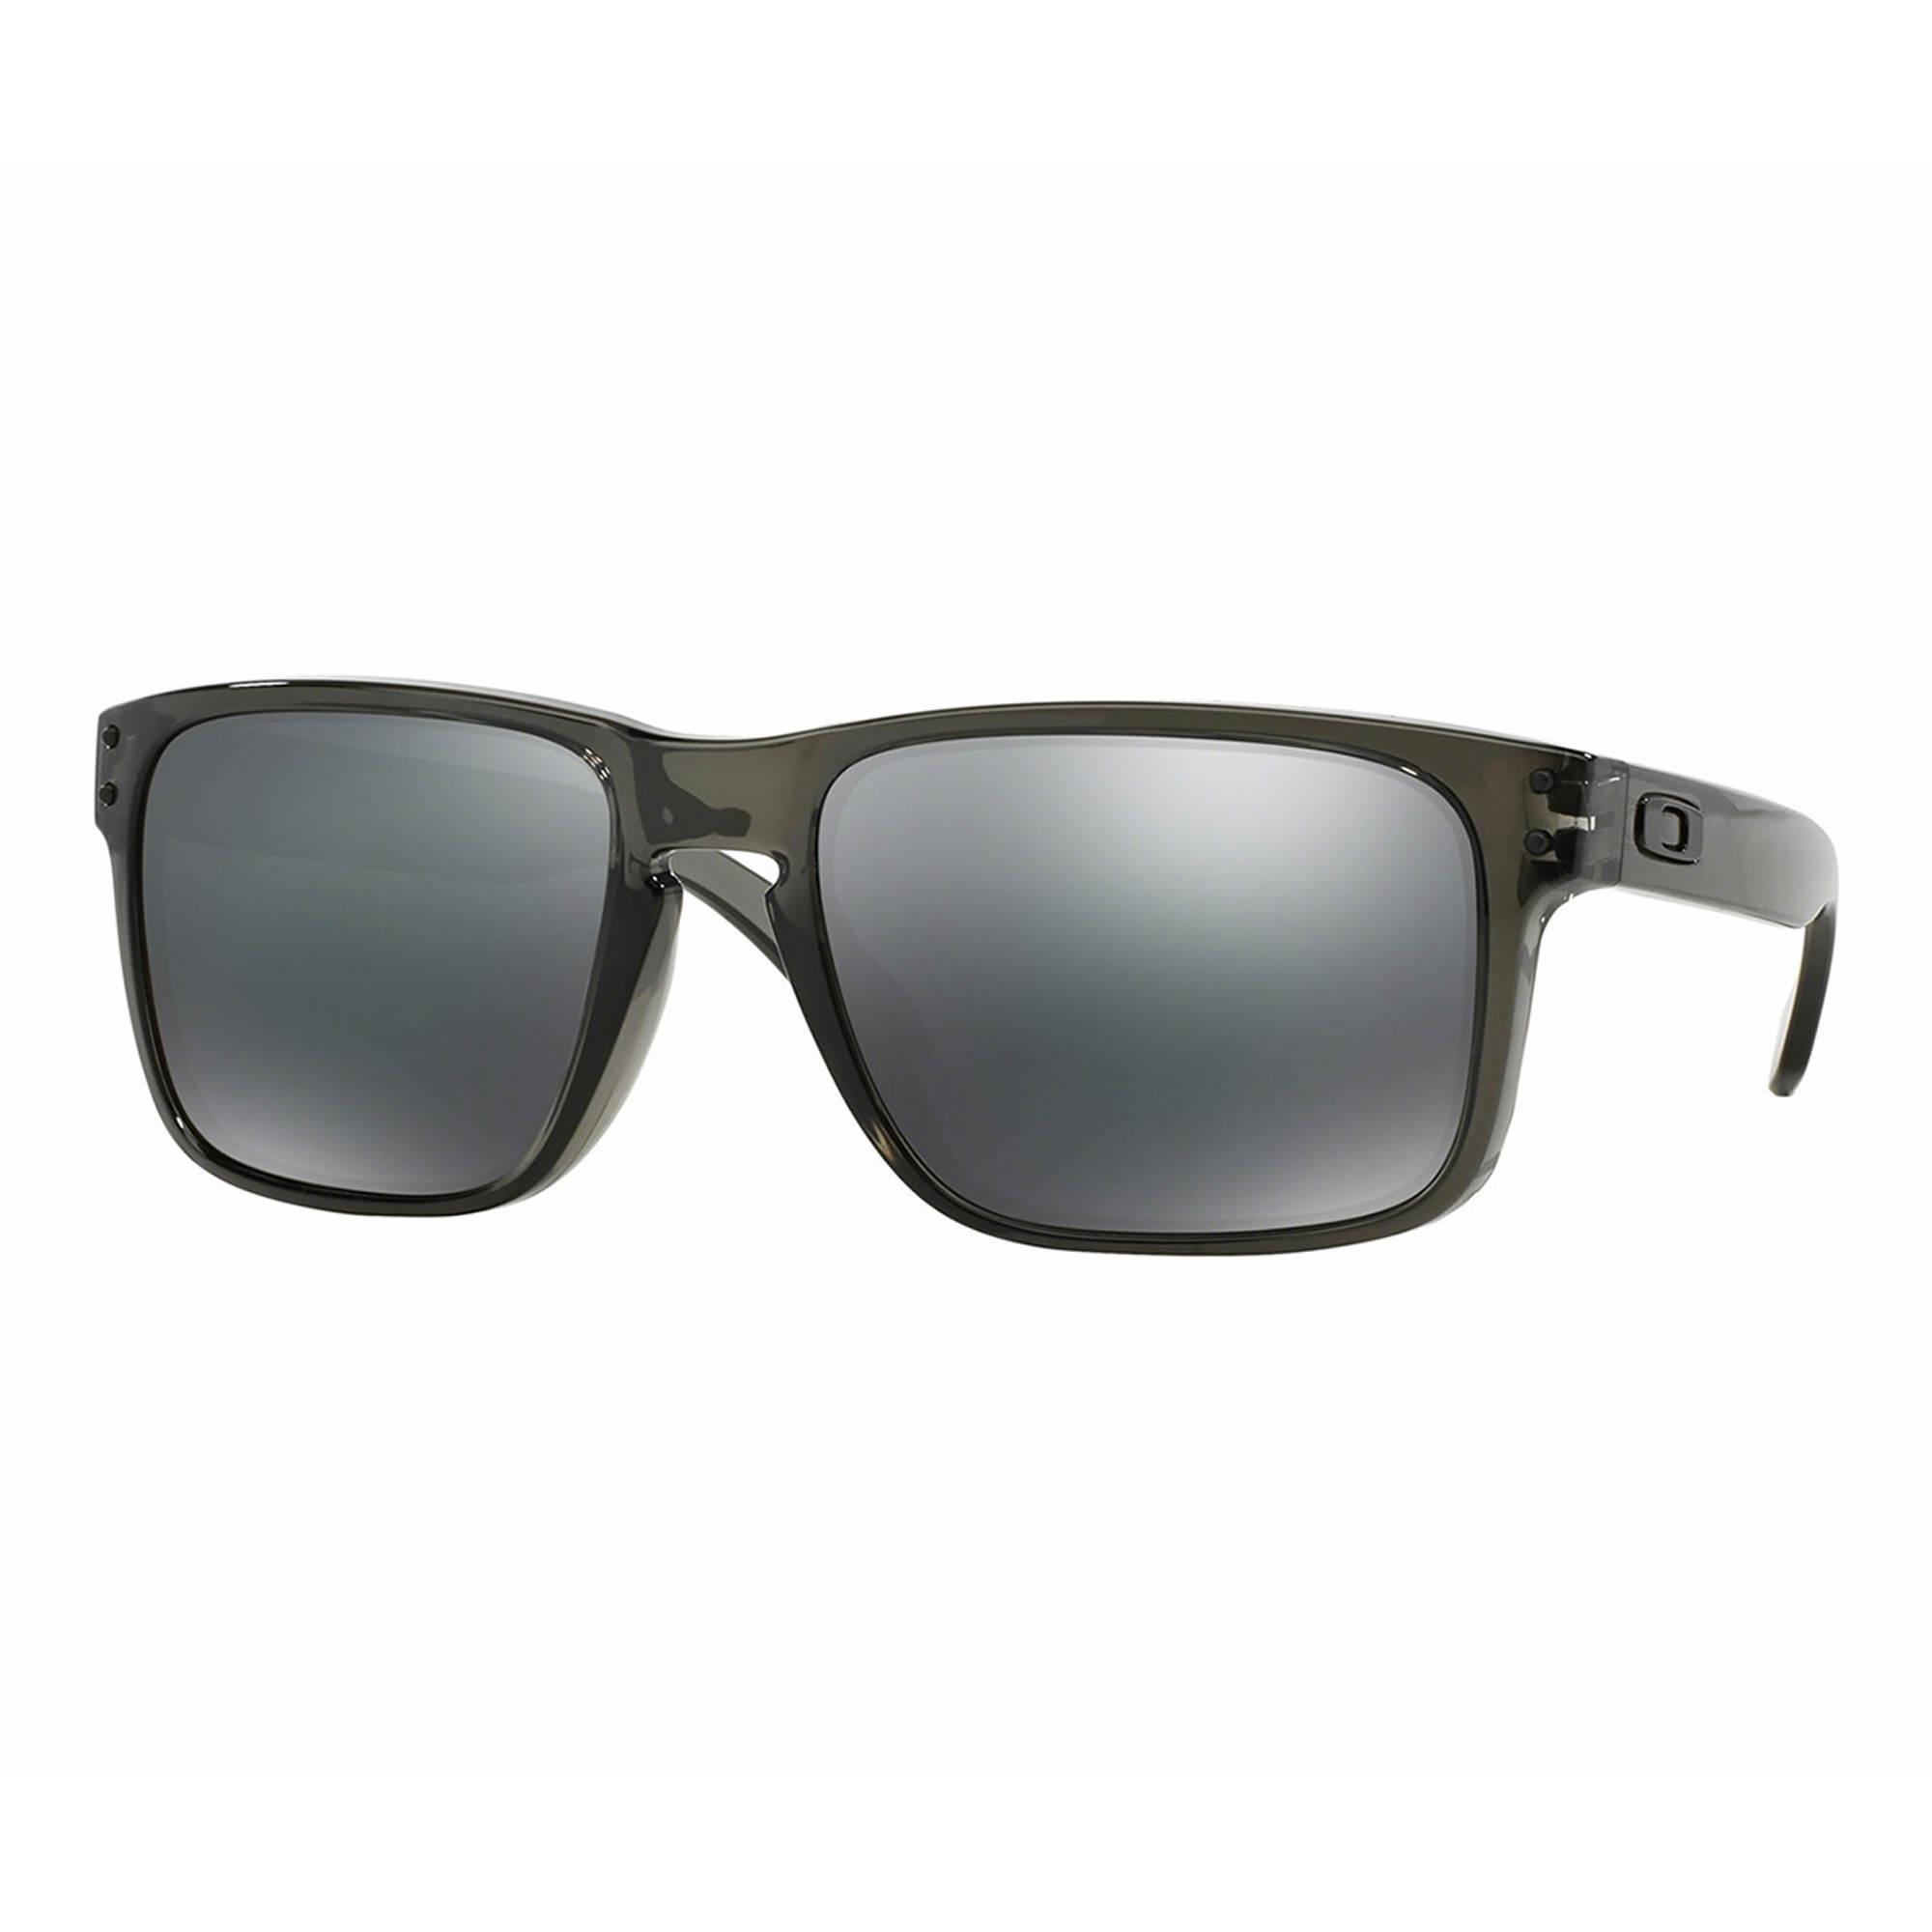 4e918e94e7 Oakley Holbrook Men s Sunglasses - Gray Smoke Frame Black Iridium ...